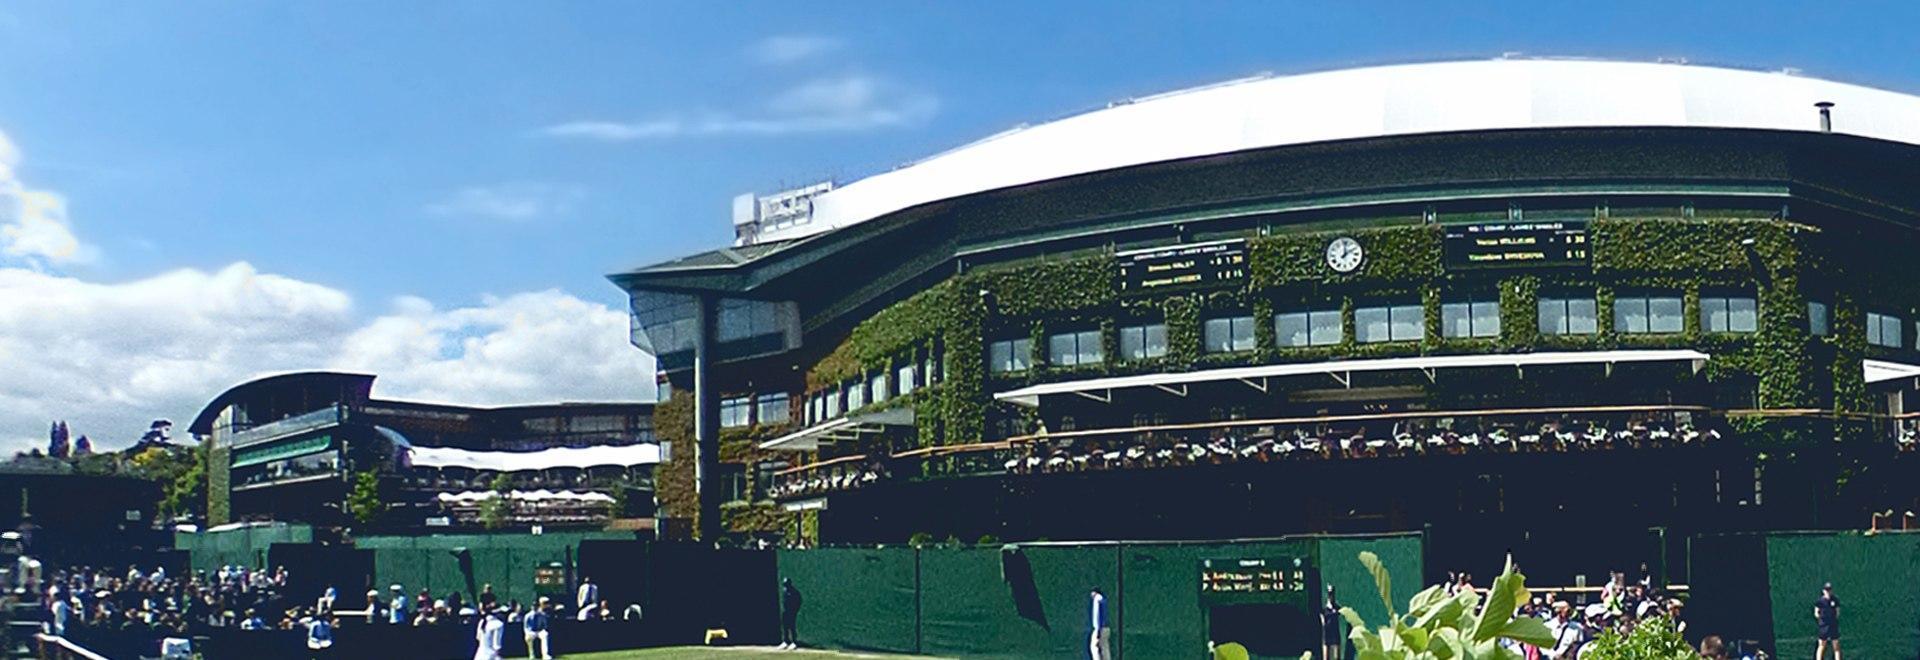 Wimbledon 1995 : Graf - Sanchez. Finale F